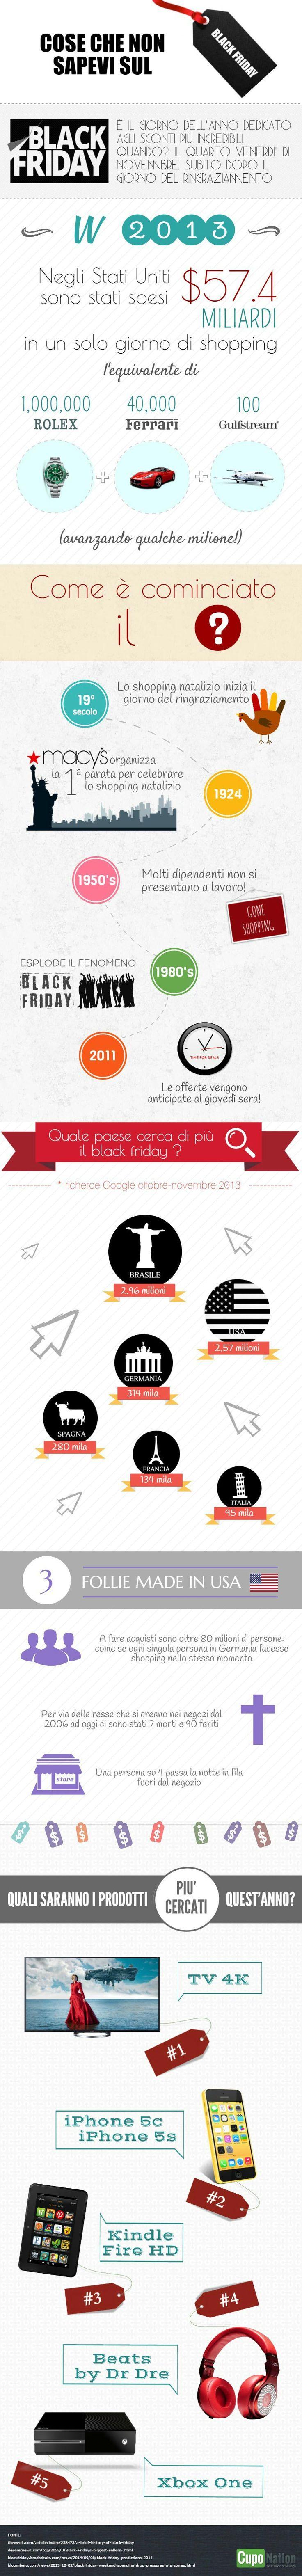 Ecco le origini del #BlackFriday in un'#infografica